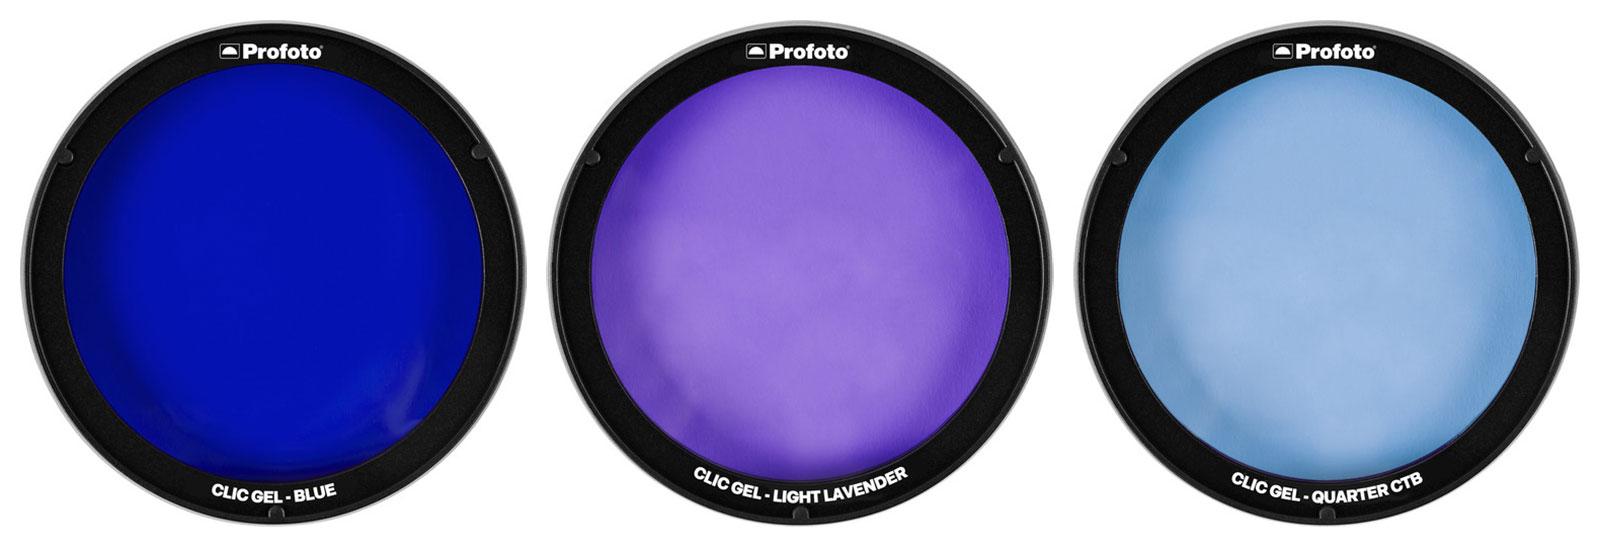 Profoto Clic Gels